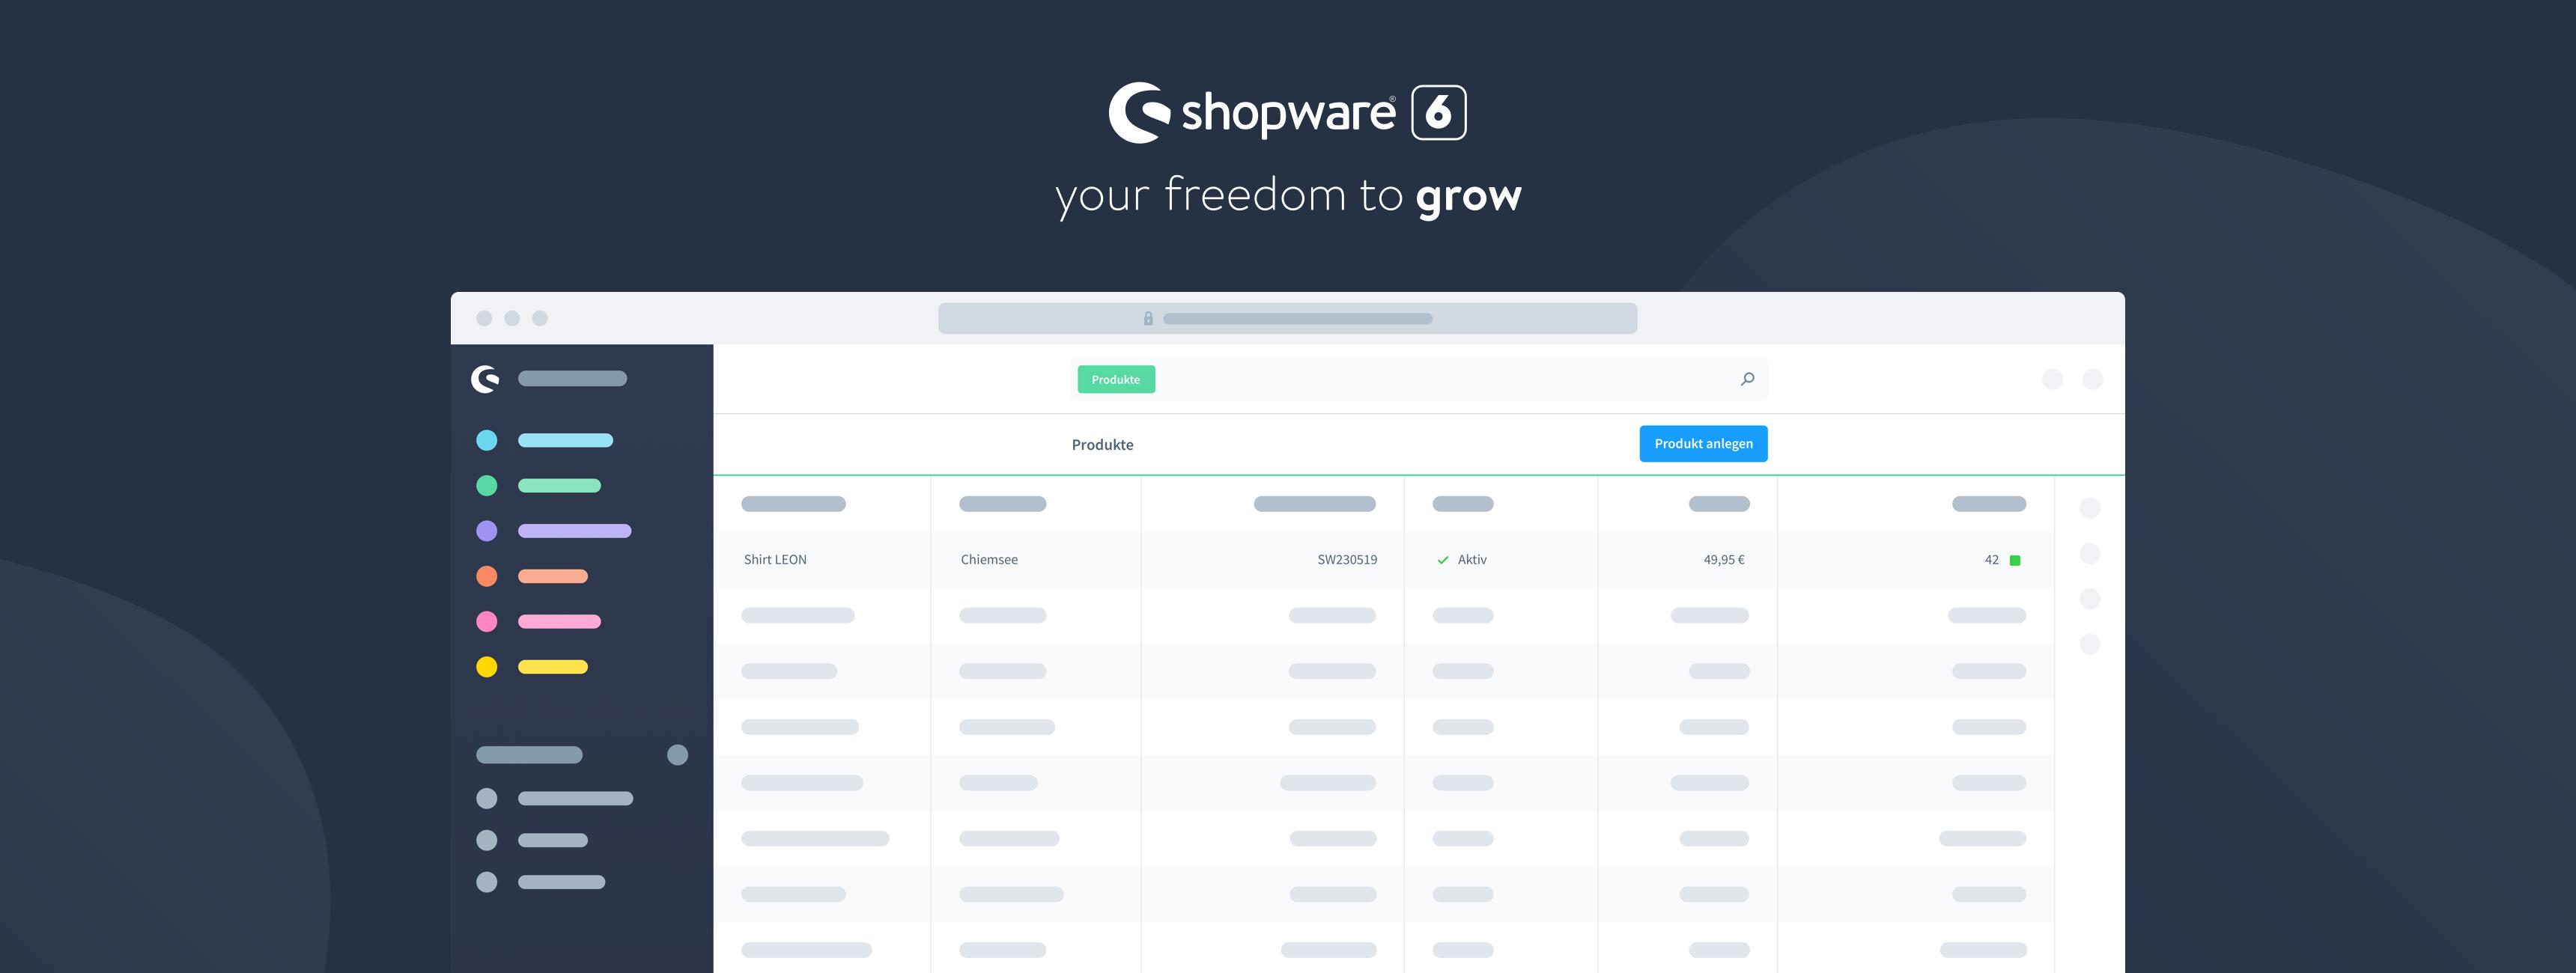 Wann kommt Shopware 6? - Shopware Community Day 2019